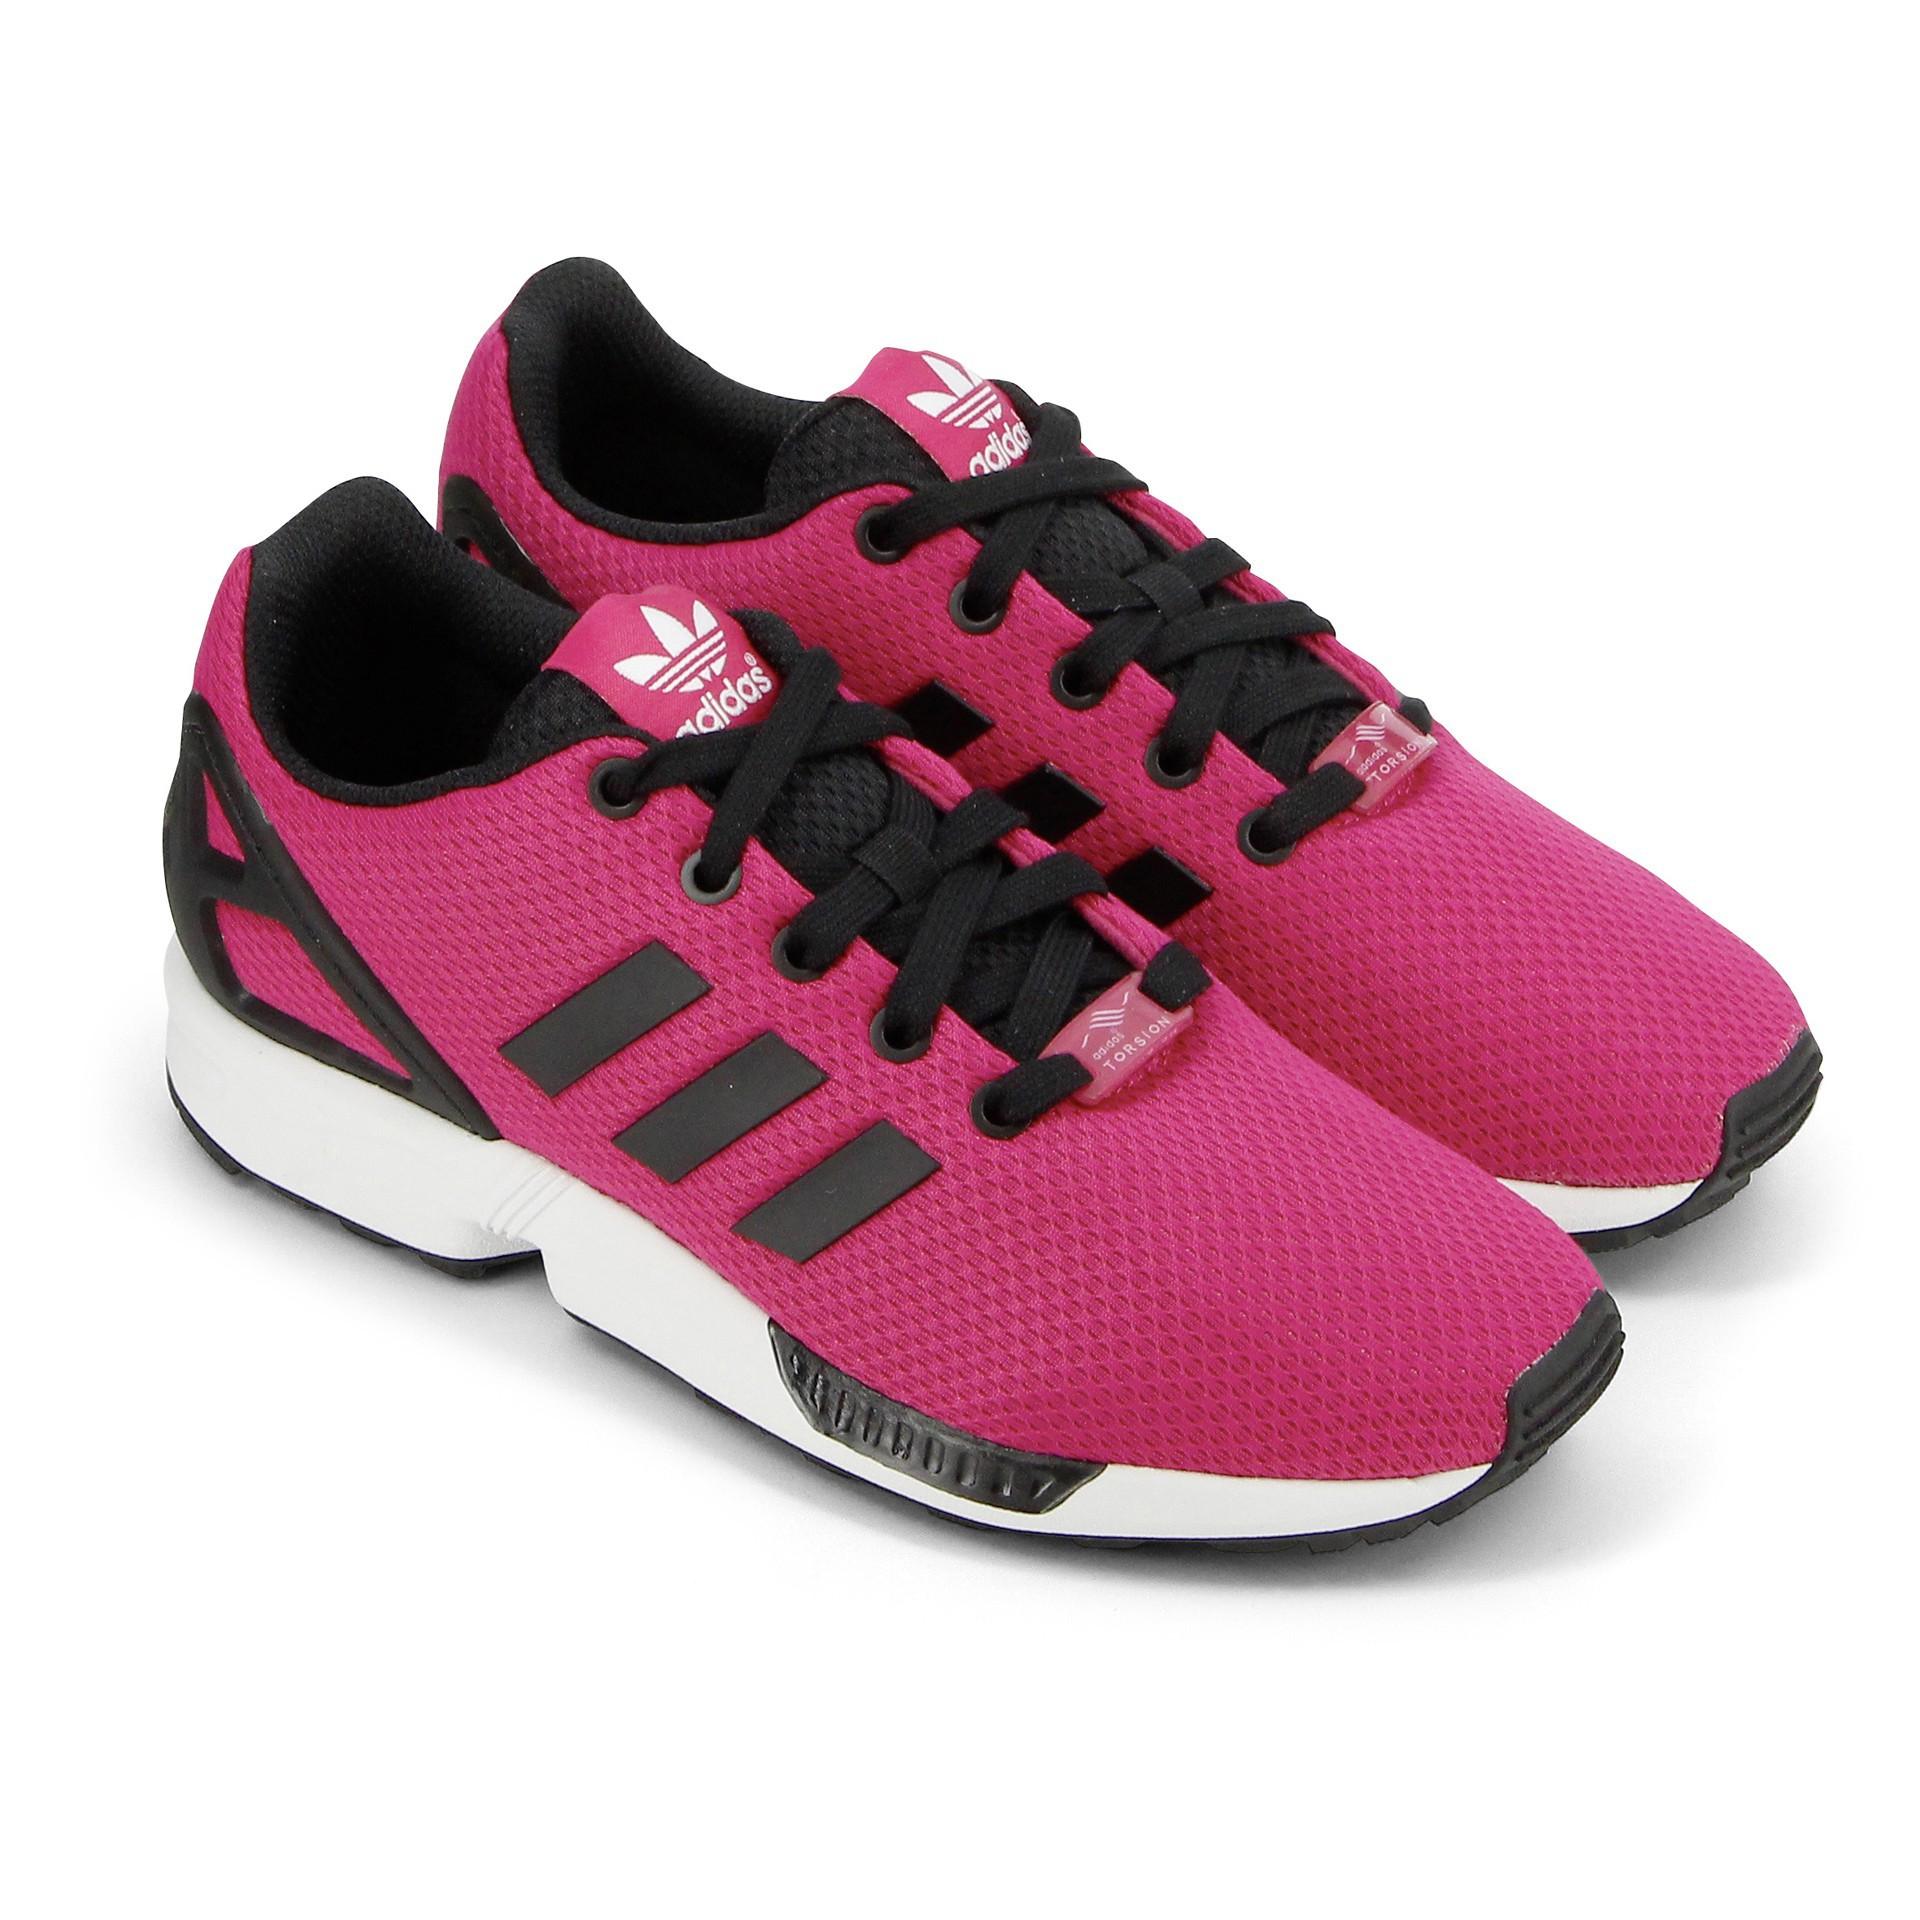 basket adidas zx flux rose et noir